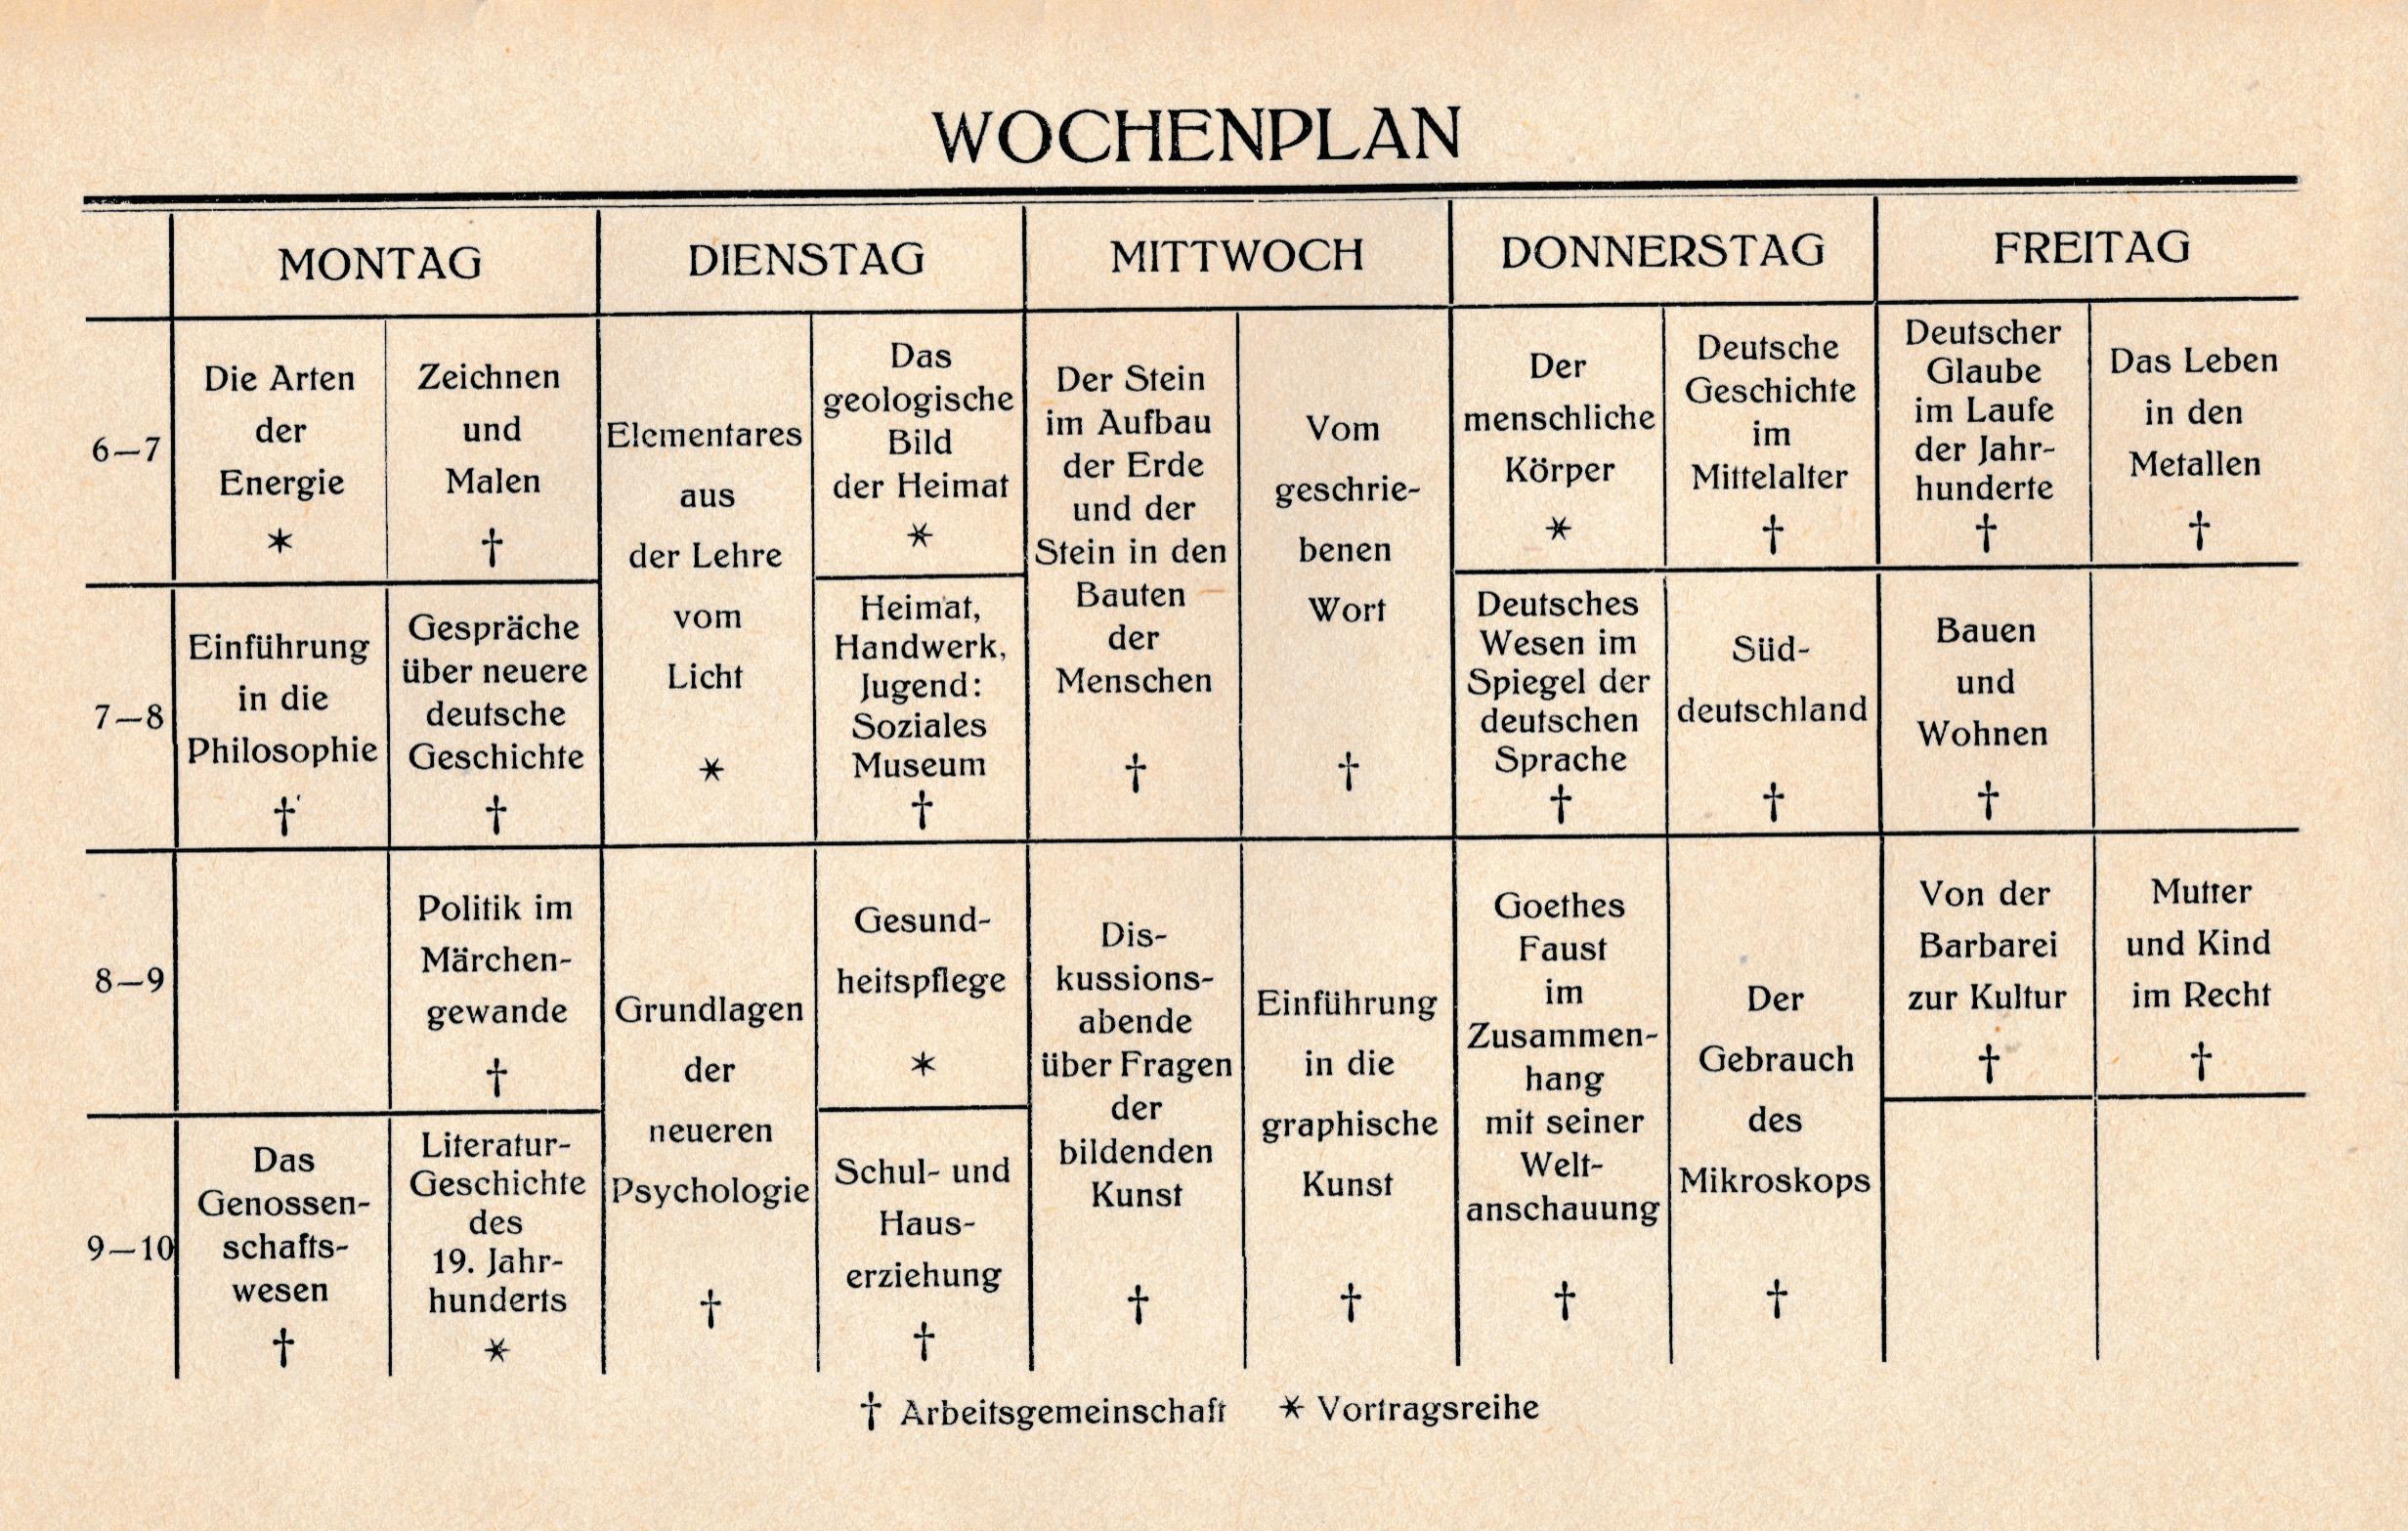 """Mit """"Wochenplan"""" überschriebene Tabelle, in der Arbeitsgemeinschaften und Vortragsreihen u.a. zu """"Politik im Märchengewande"""", """"Gesundheitspflege"""" und """"Von der Barbarei zur Kultur"""" aufgelistet sind"""